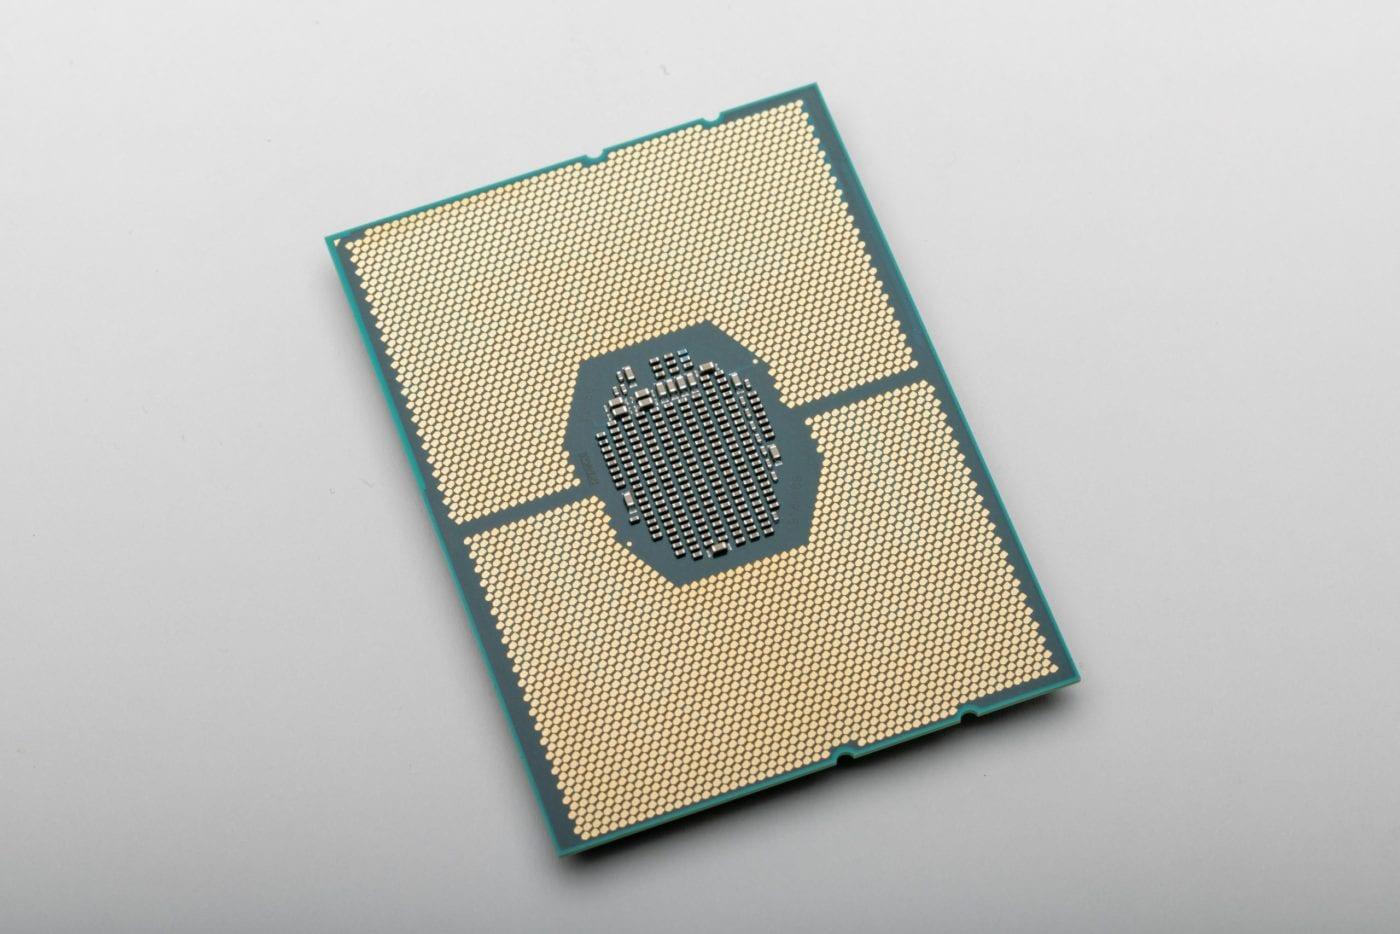 2019 Mac Pro – CPU